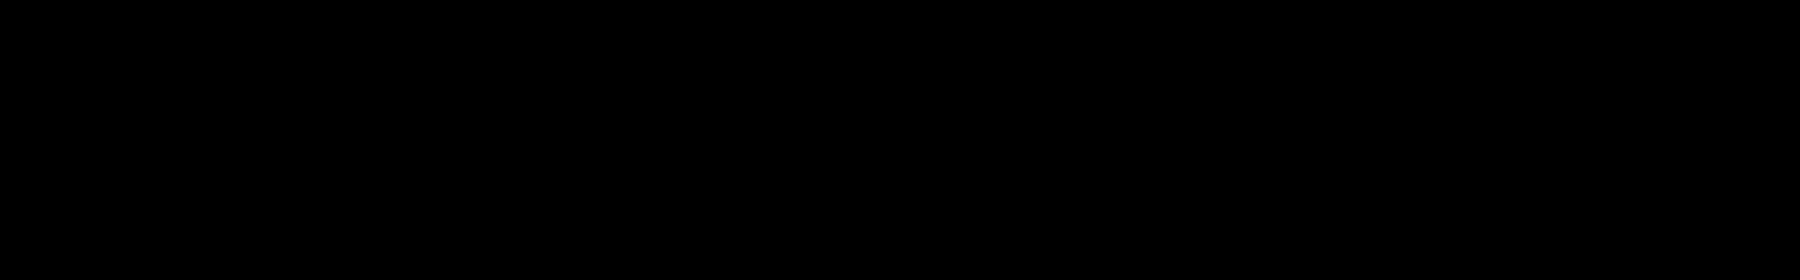 Virus by OCTVE.CO audio waveform